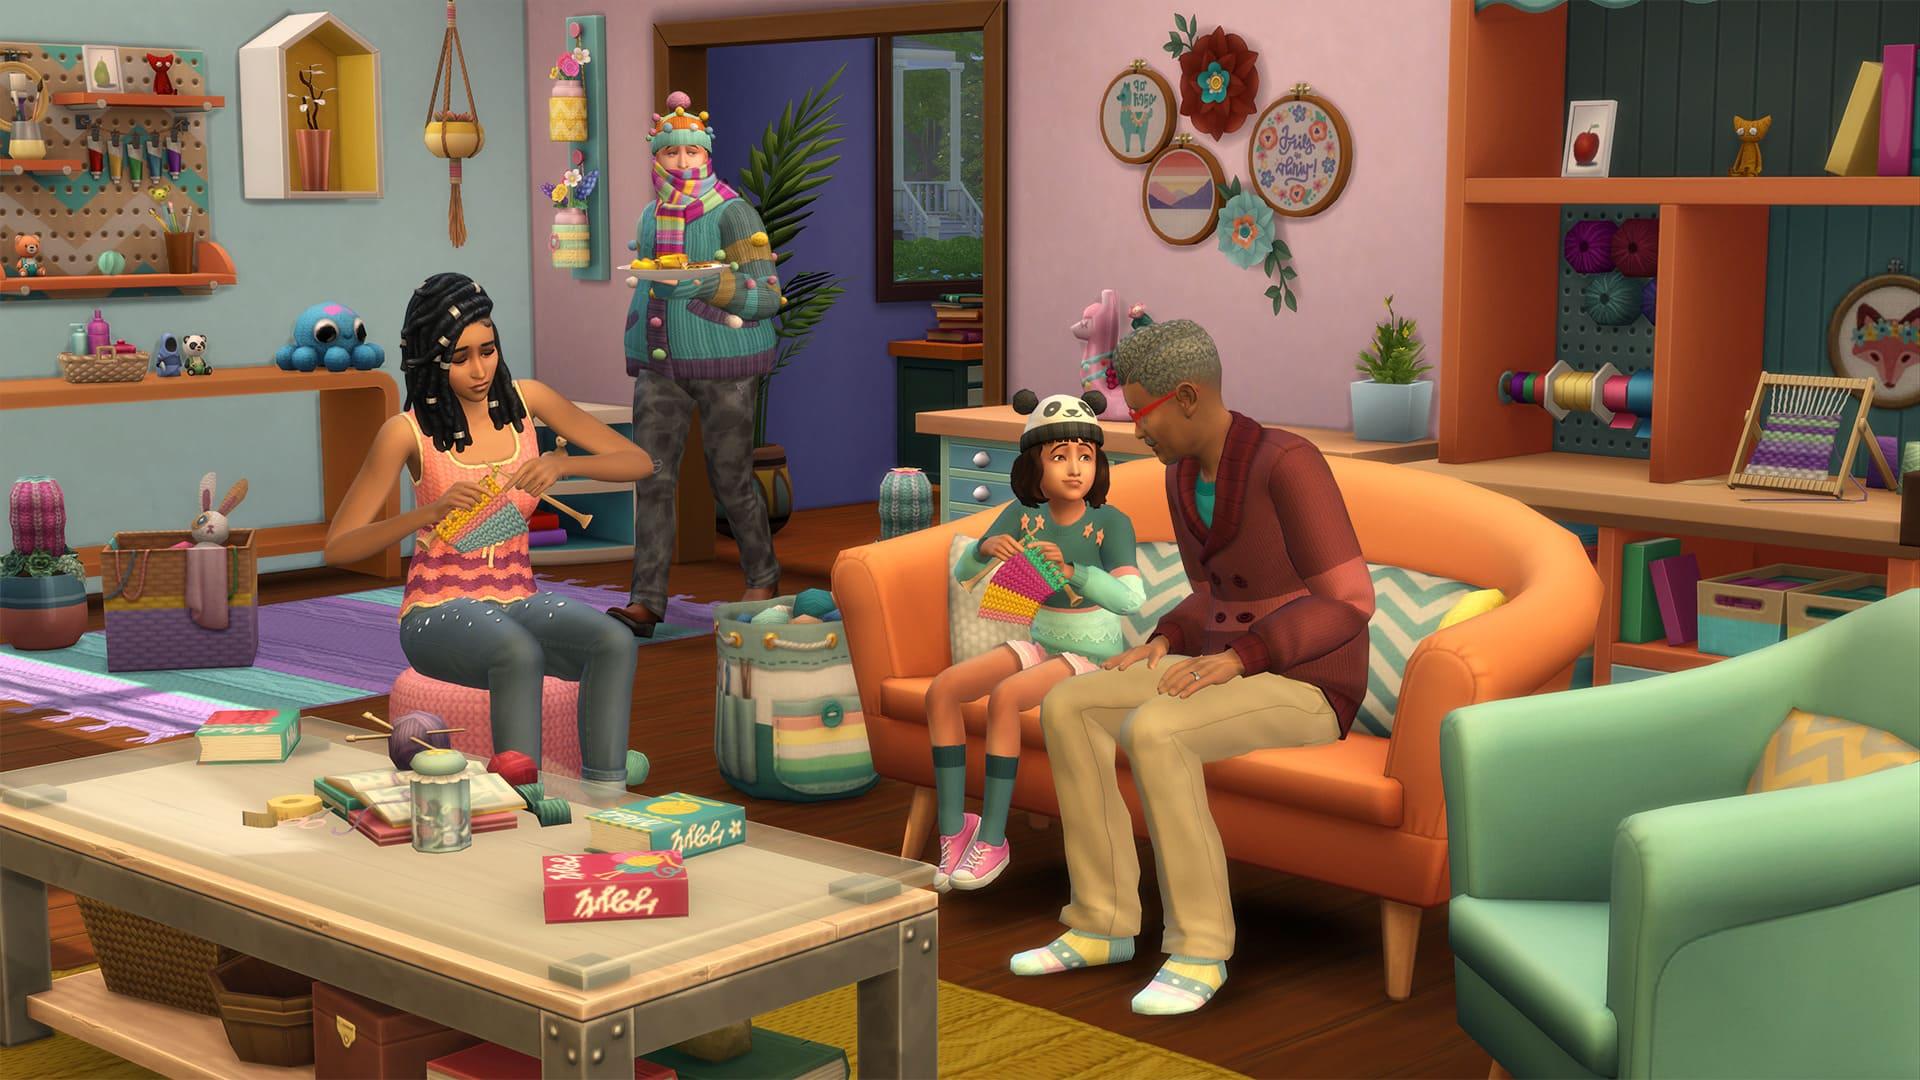 [Blog] The Sims 4 Portento del Punto Stuff svela i suoi contenuti principali